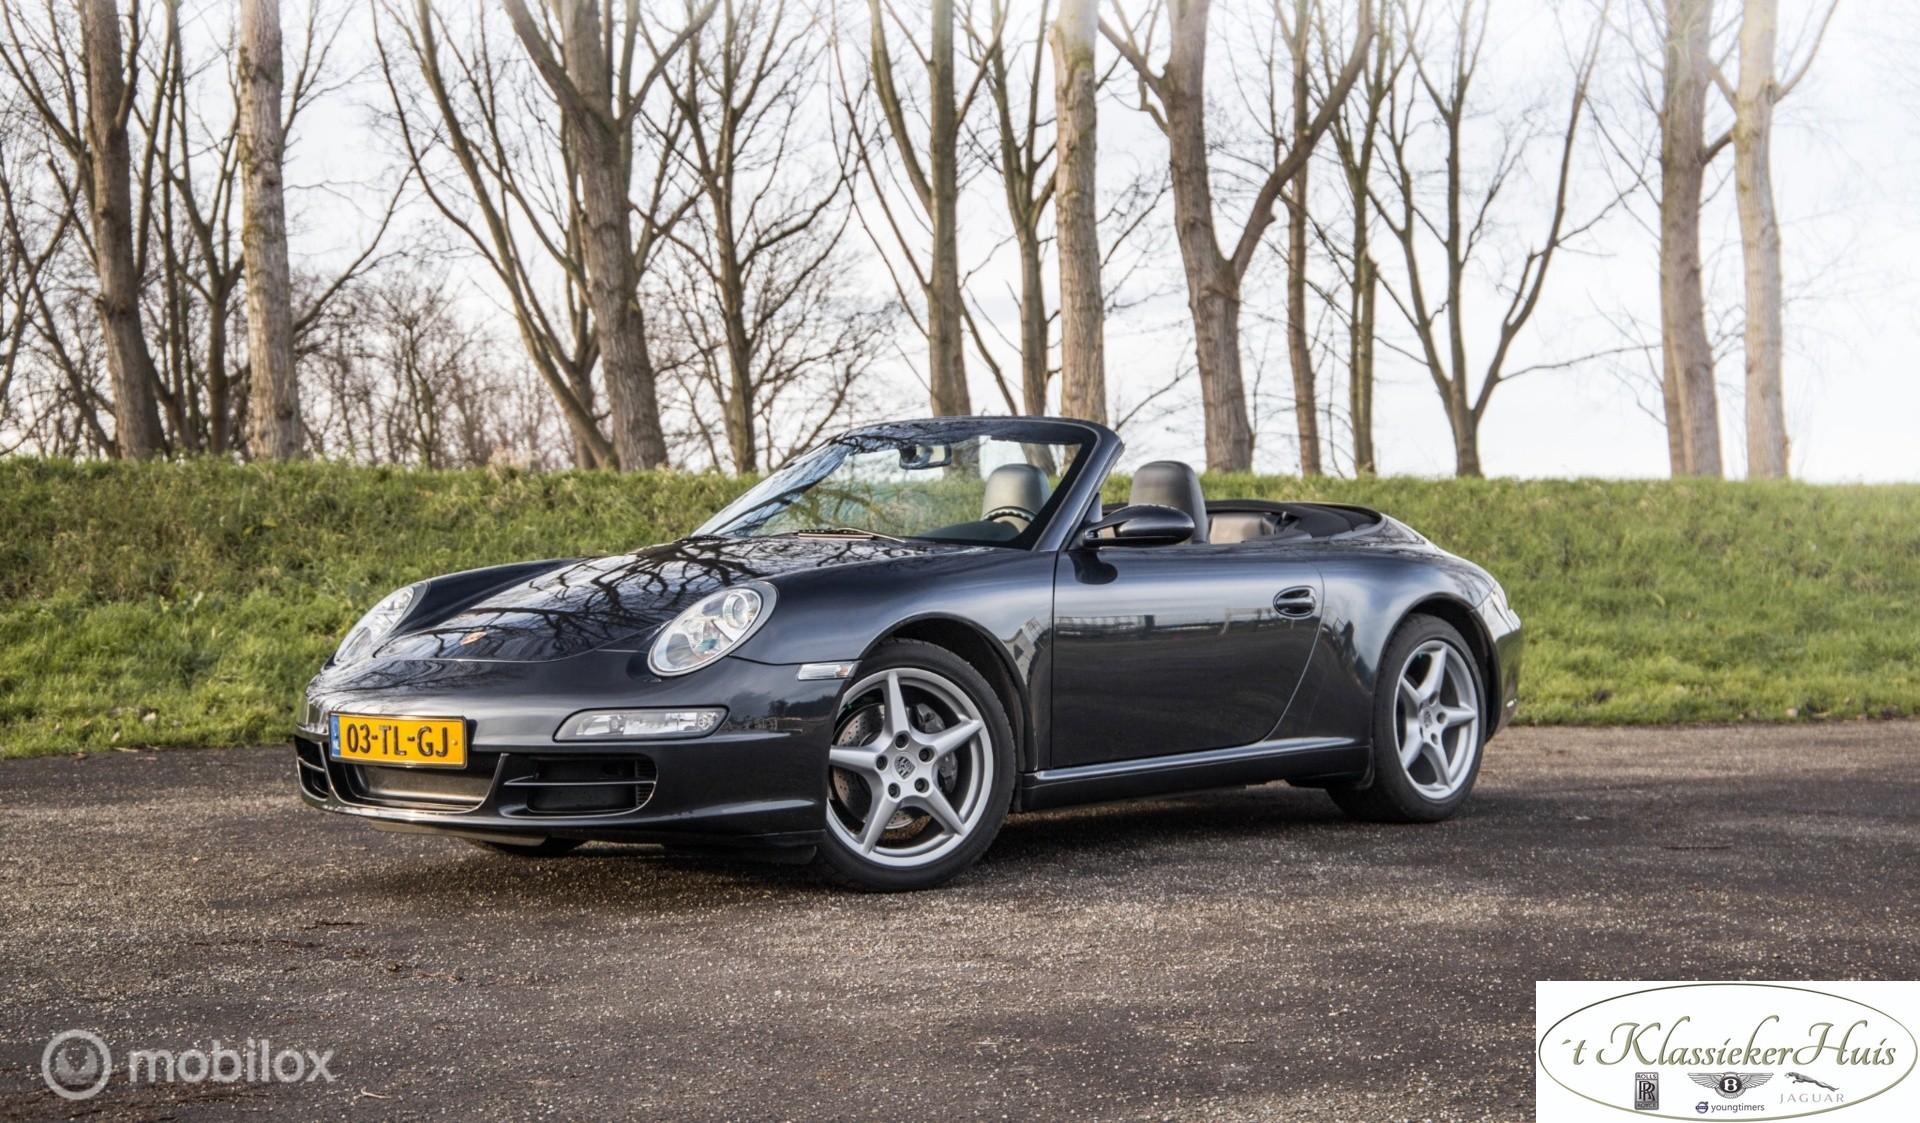 Porsche 911 Cabrio 3.6 Carrera handgeschakeld